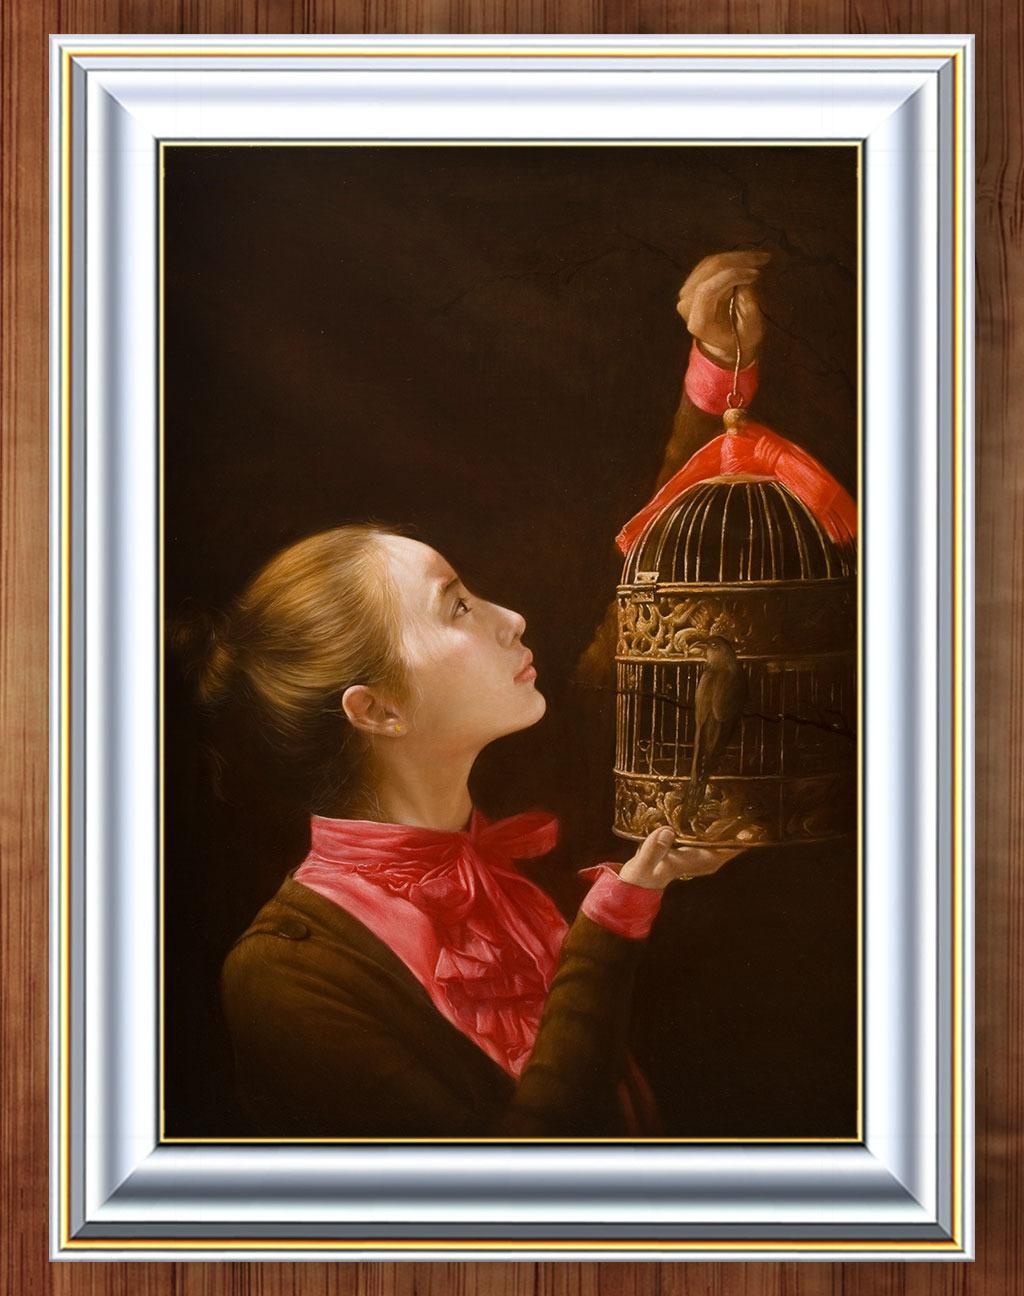 端庄 古典 美丽 美女 现代人物 现代油画 油画背景 人物油画 写实风格